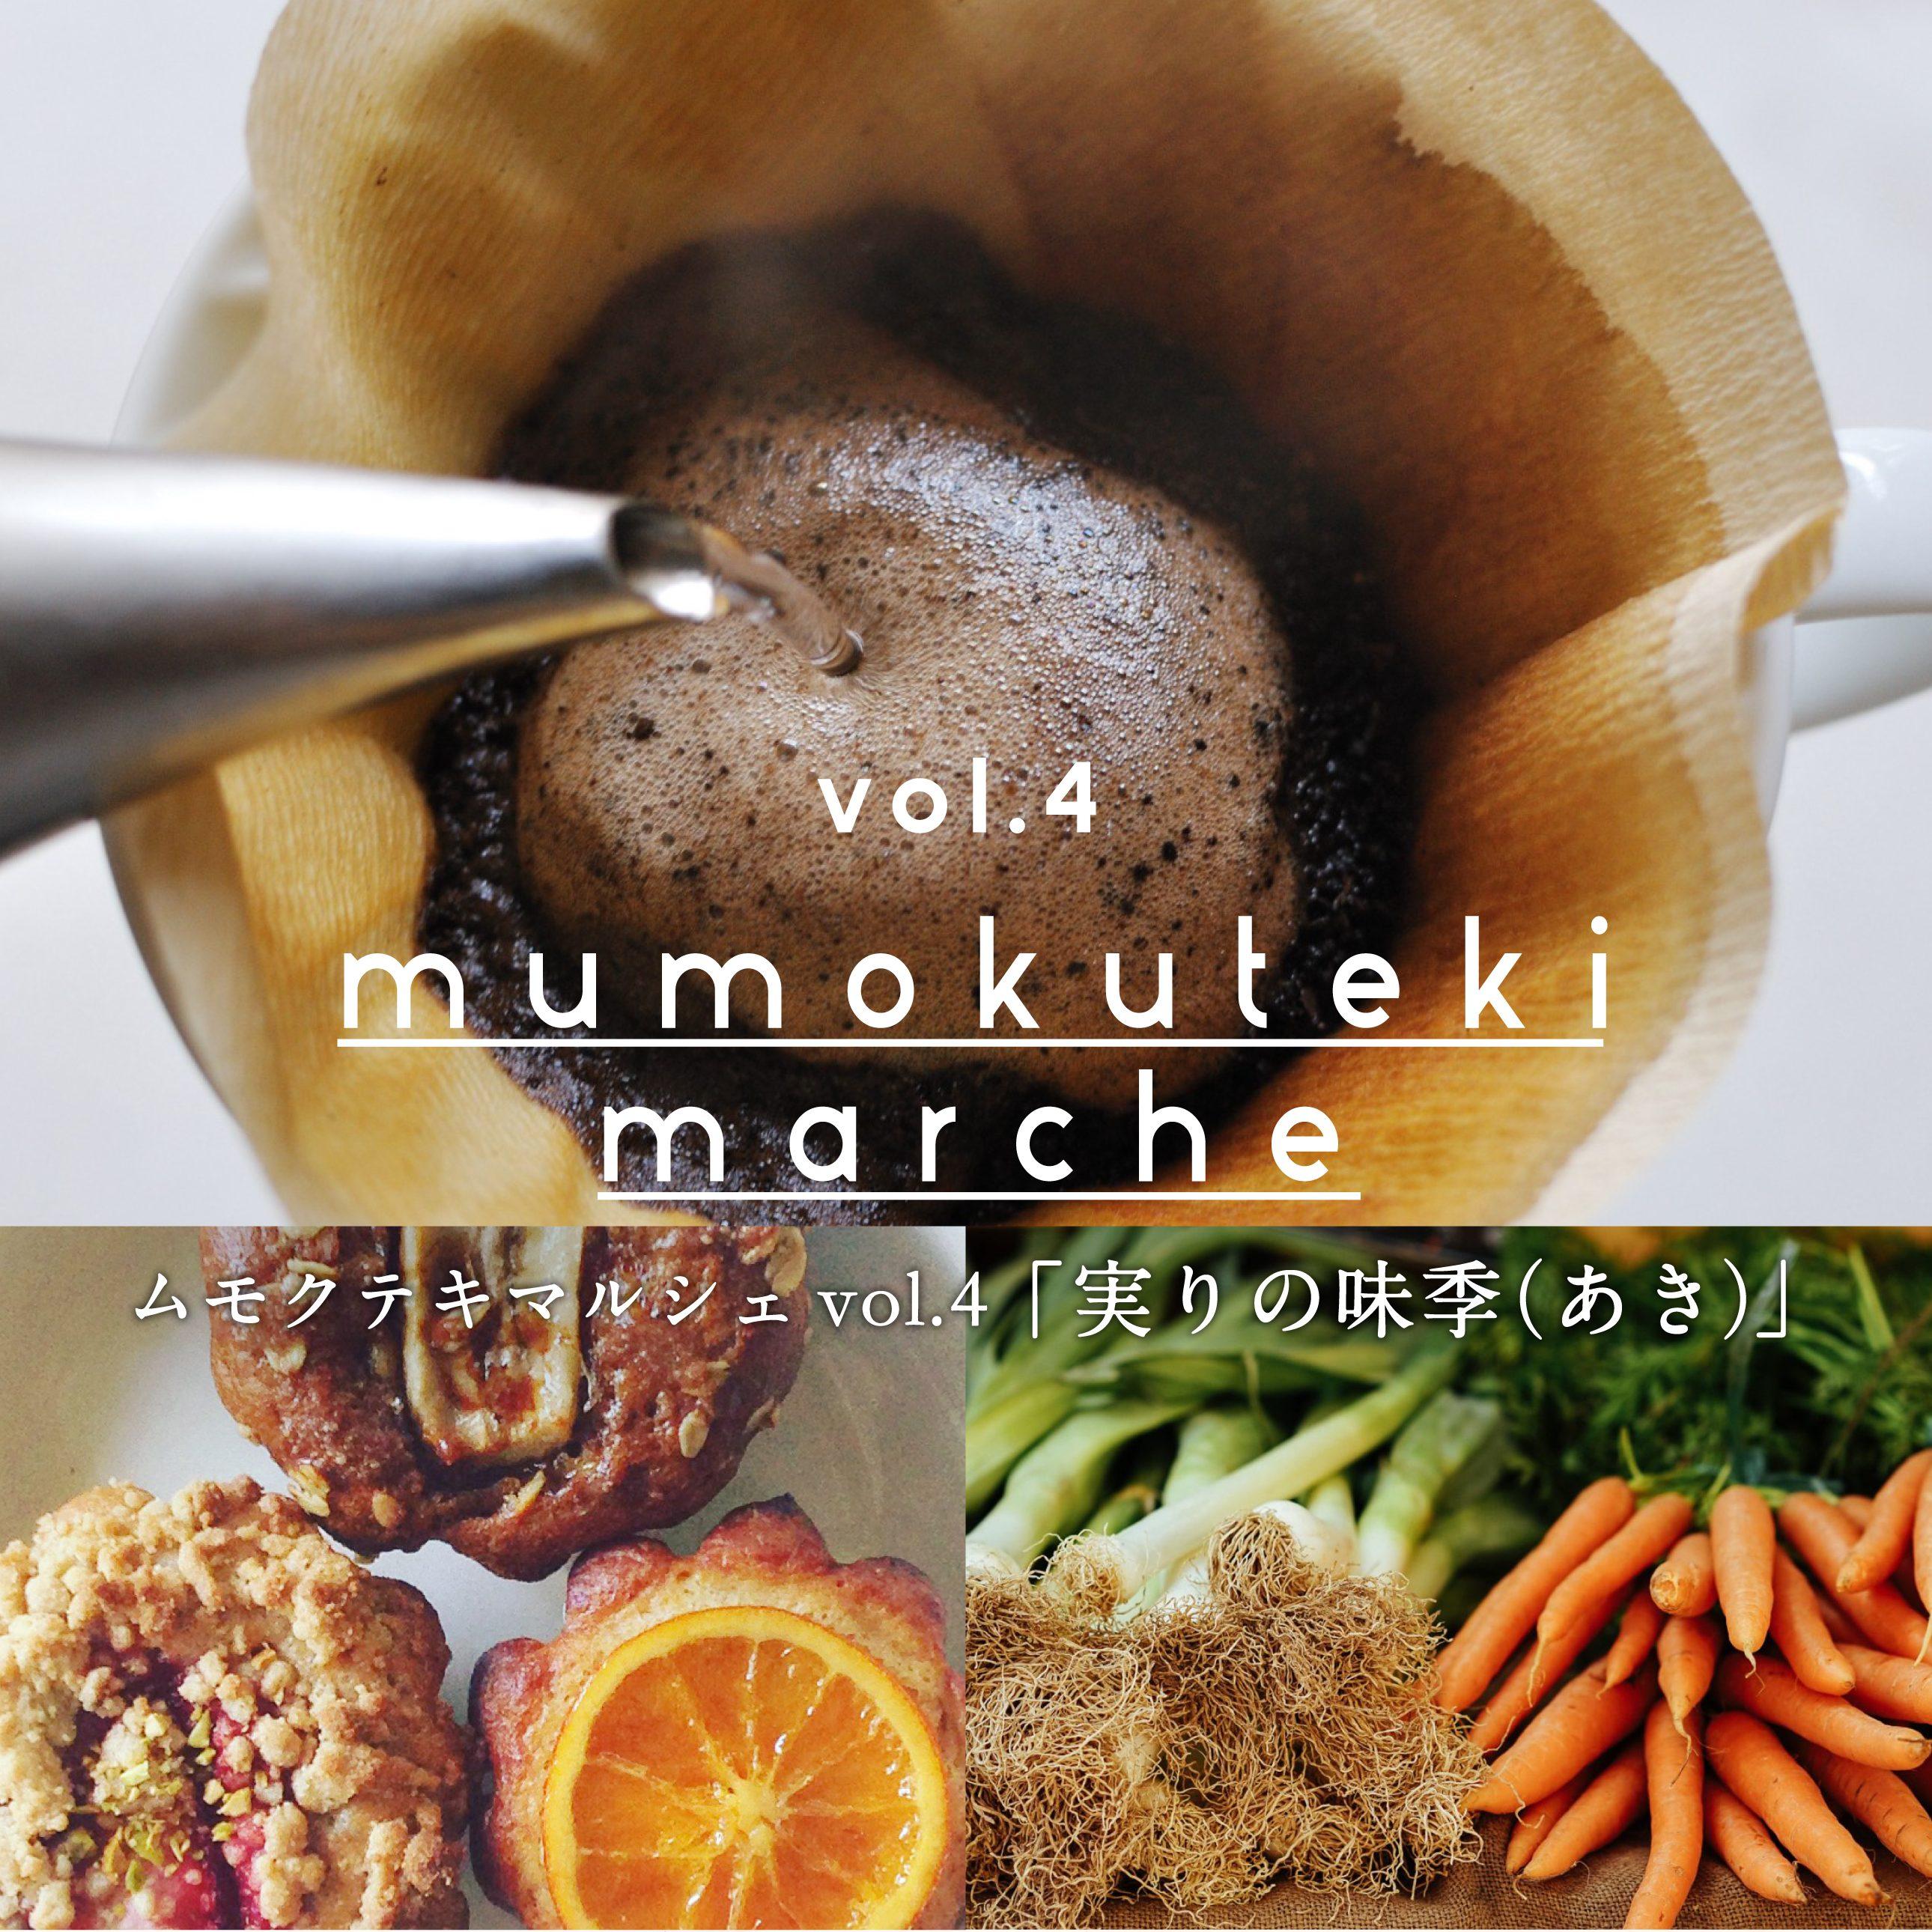 11月18日(sat)ムモクテキ マルシェ vol.4「実りの味季(あき)」@mumokuteki 3階ホール